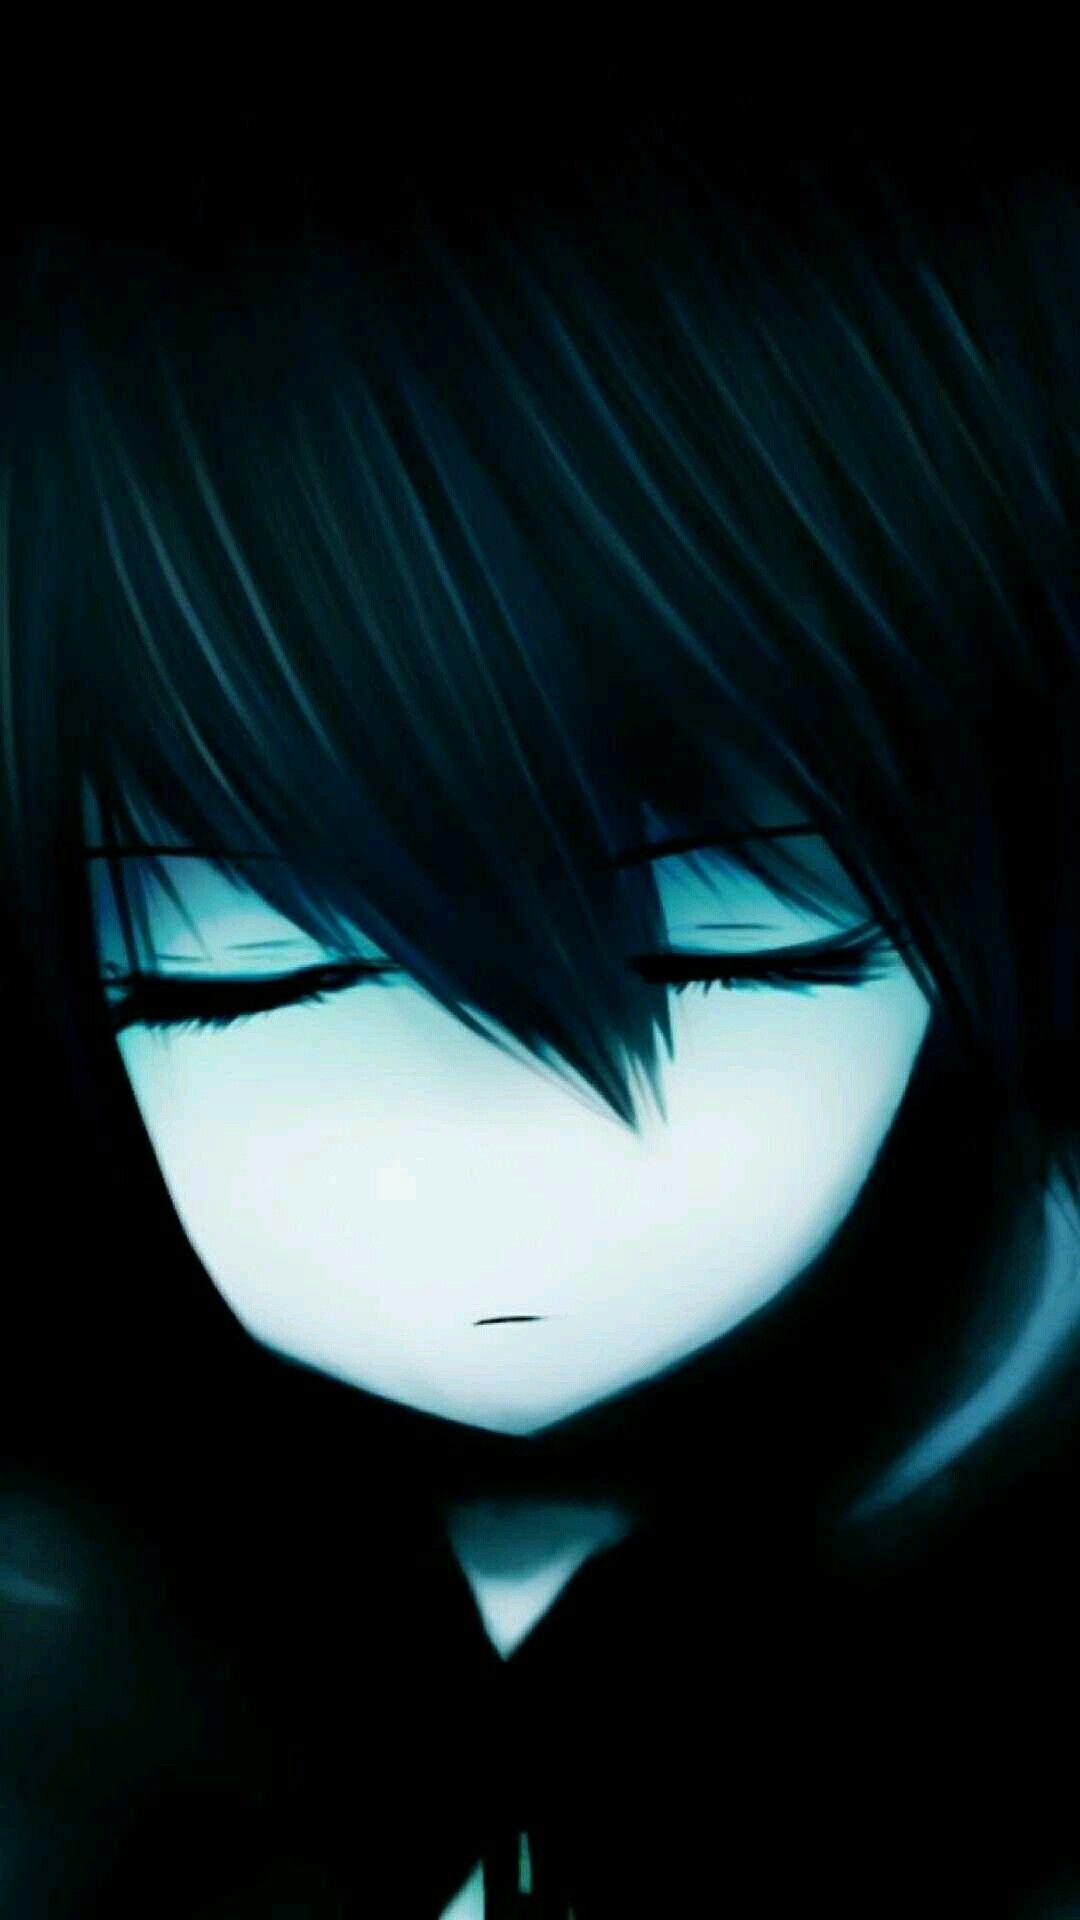 Pin On Soledad Oscuridad Anime Descargar wallpaper de anime